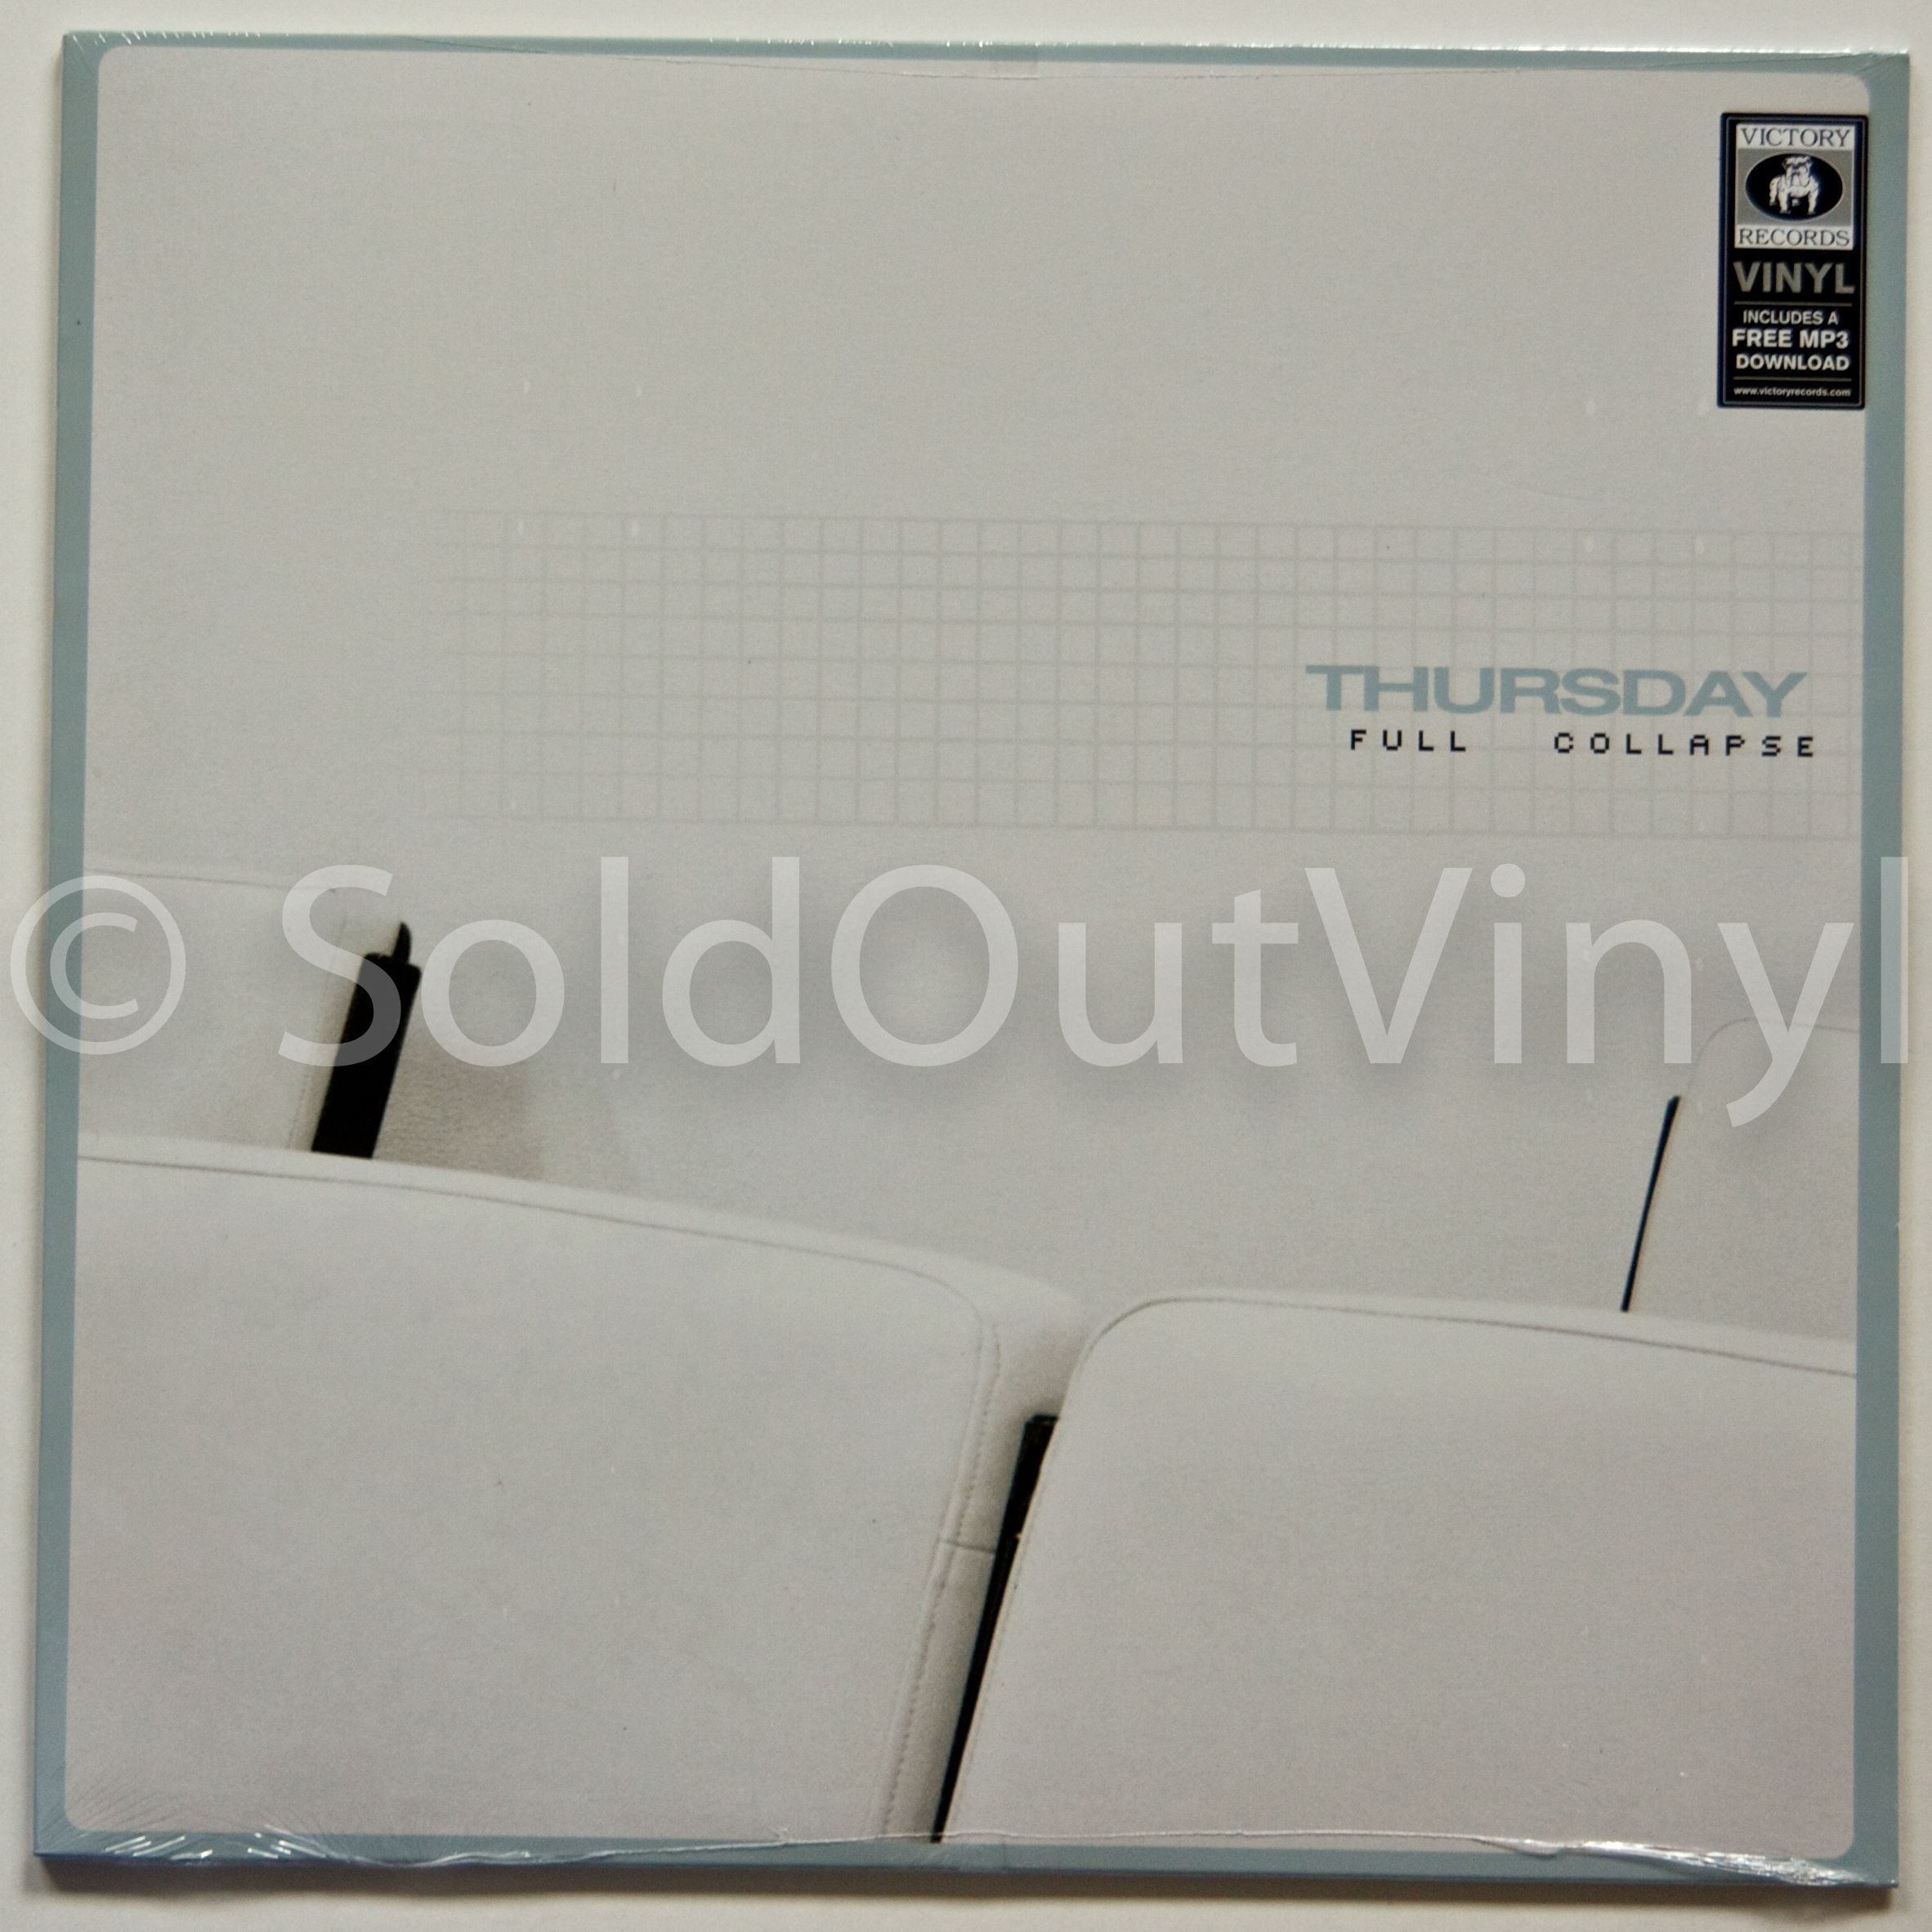 Thursday Full Collapse Vinyl Lp Soldoutvinyl Records For Sale Vinyl Records Vinyl